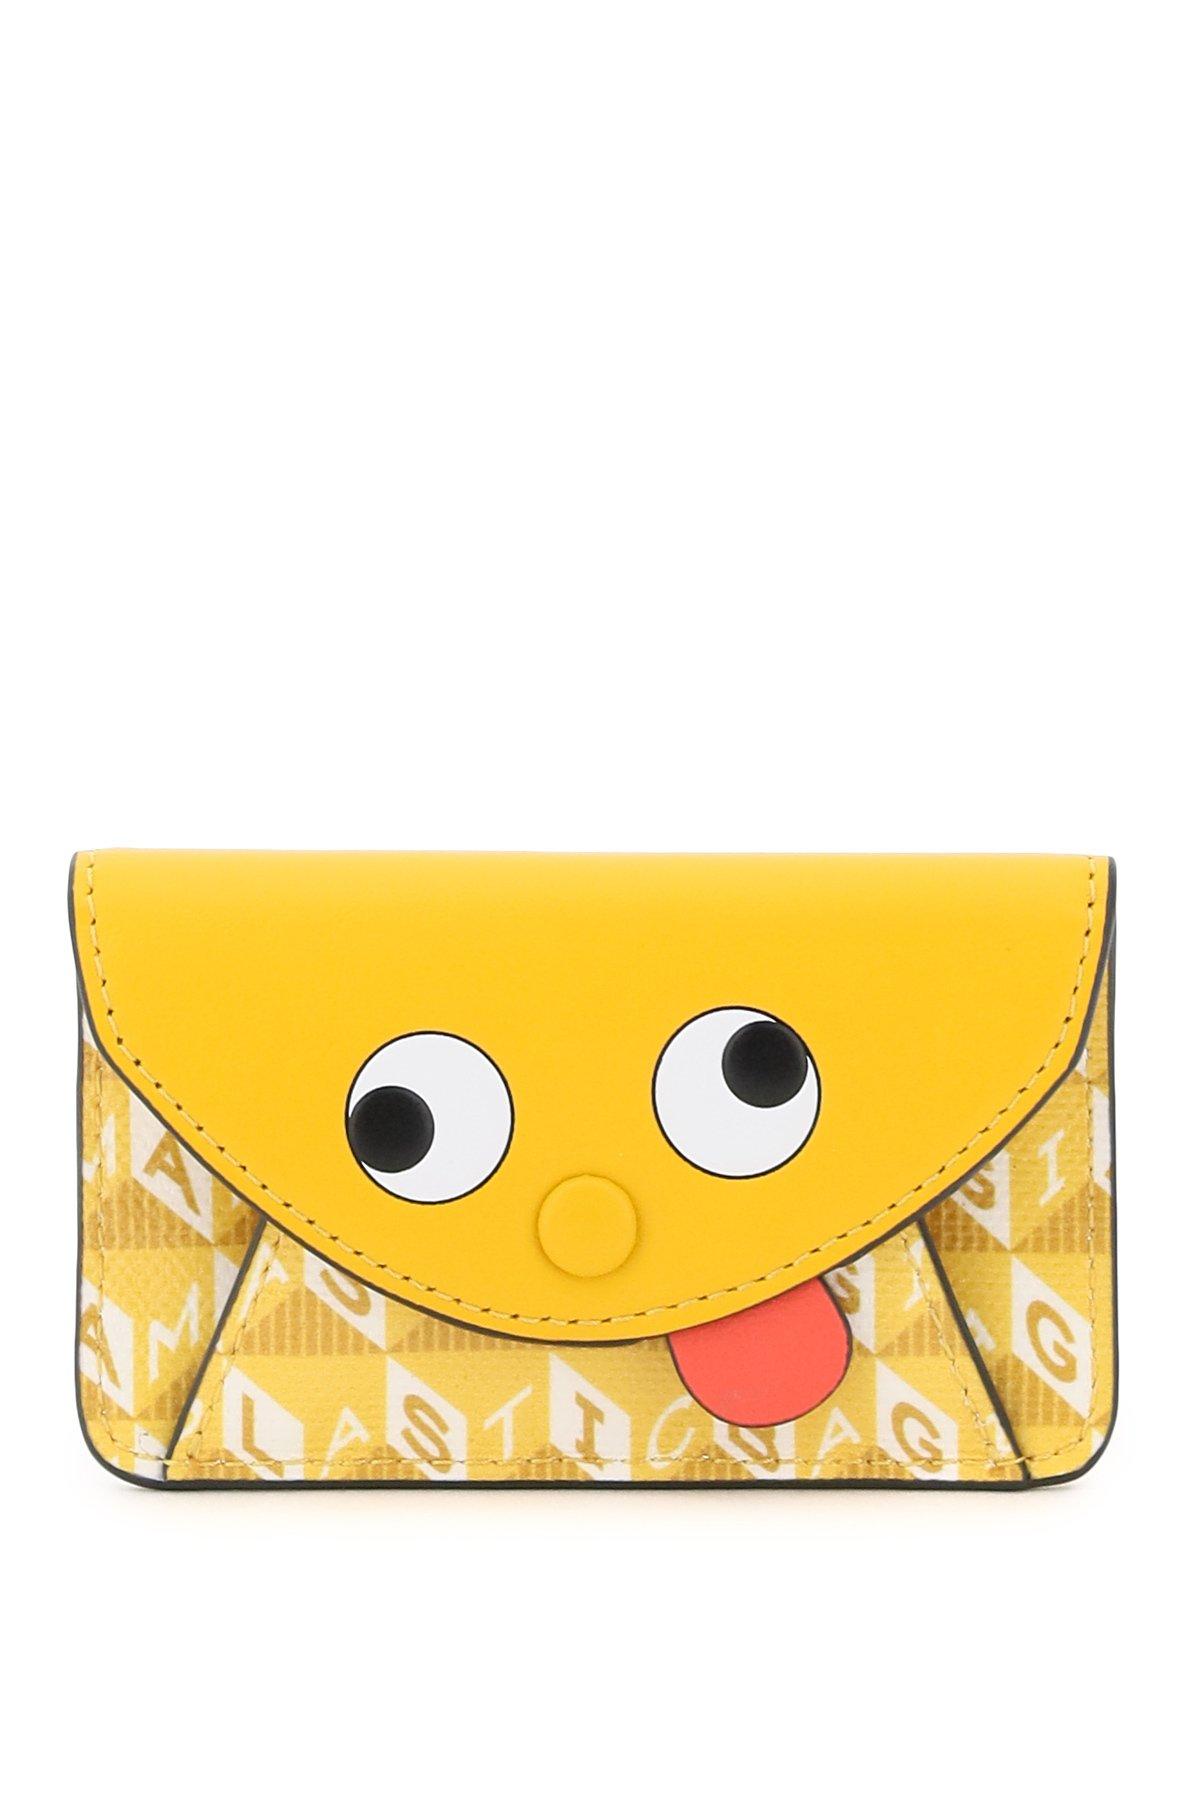 Anya hindmarch zany purse sticker